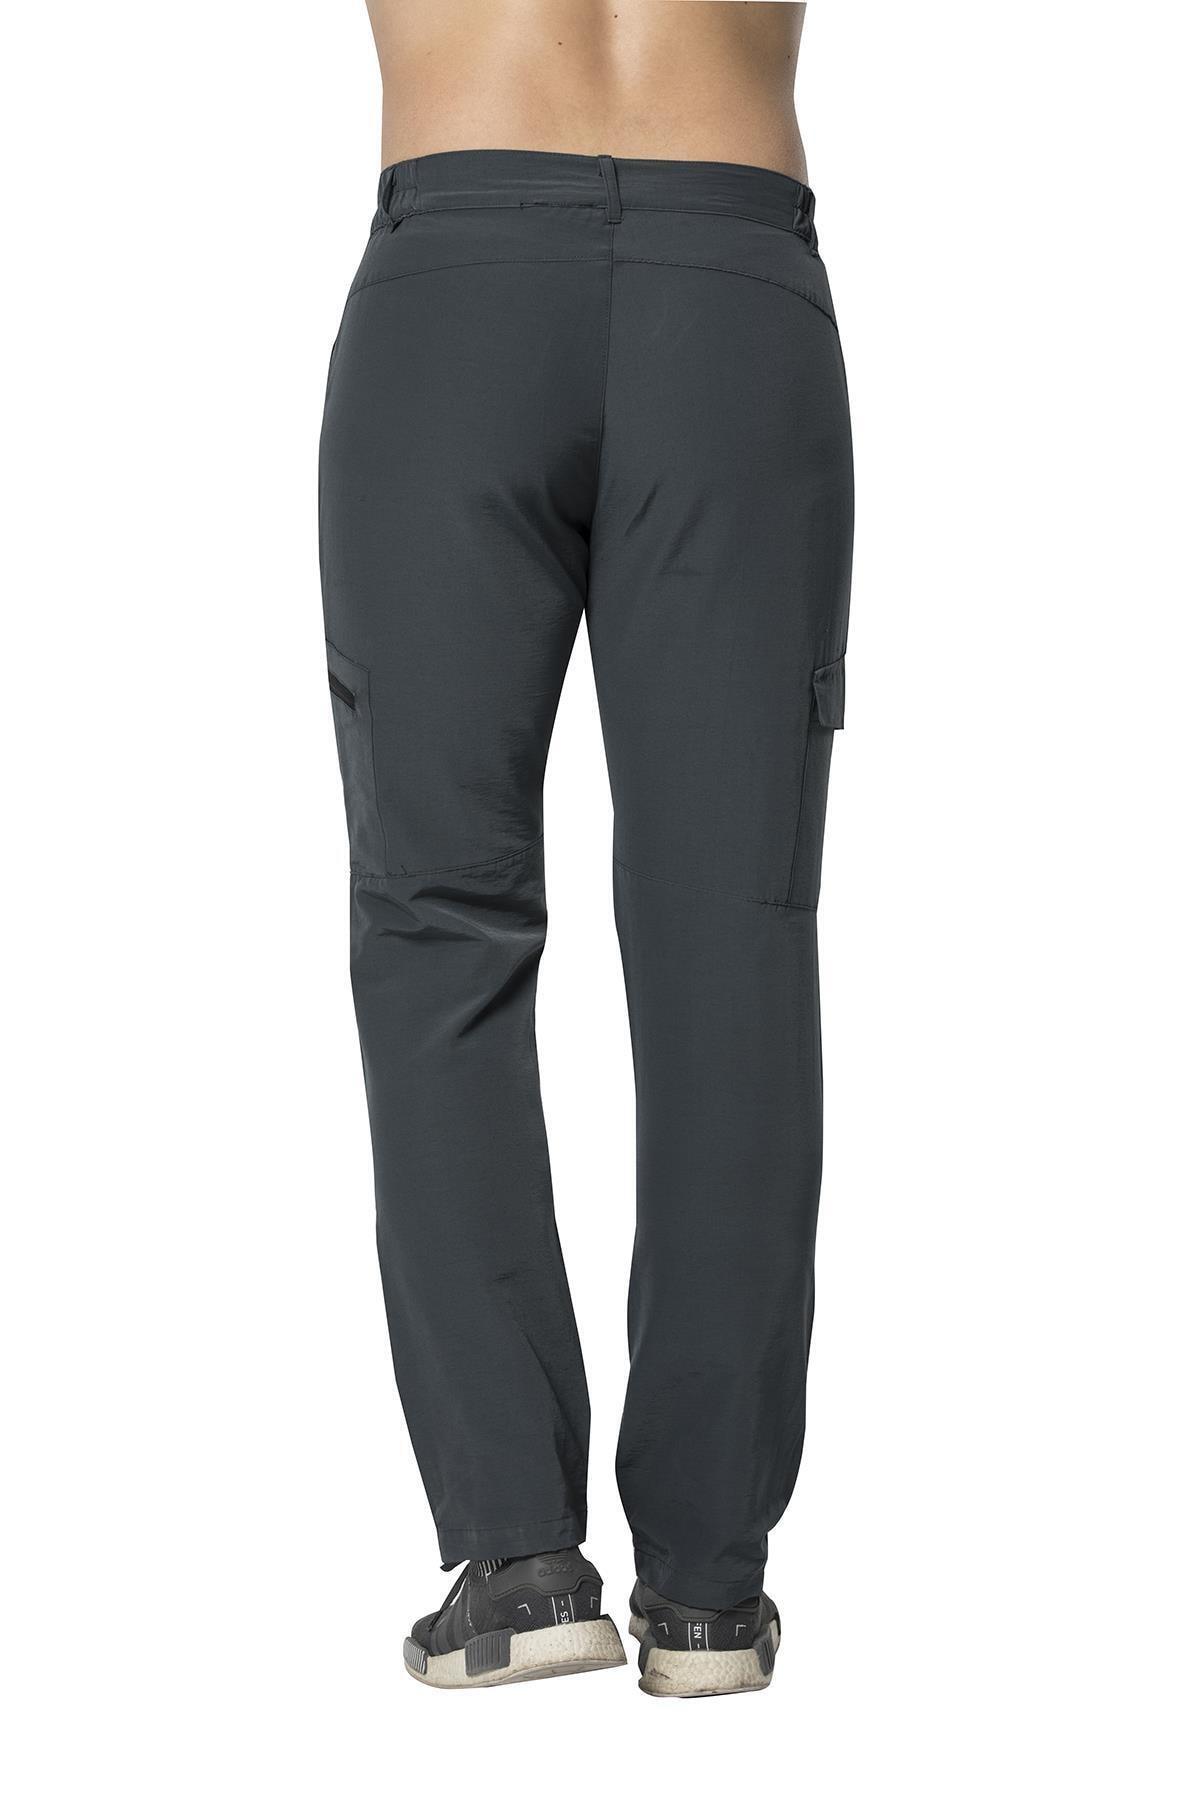 Crozwise Erkek Siyah Pamuk Polyester Outdoor Pantolon 2